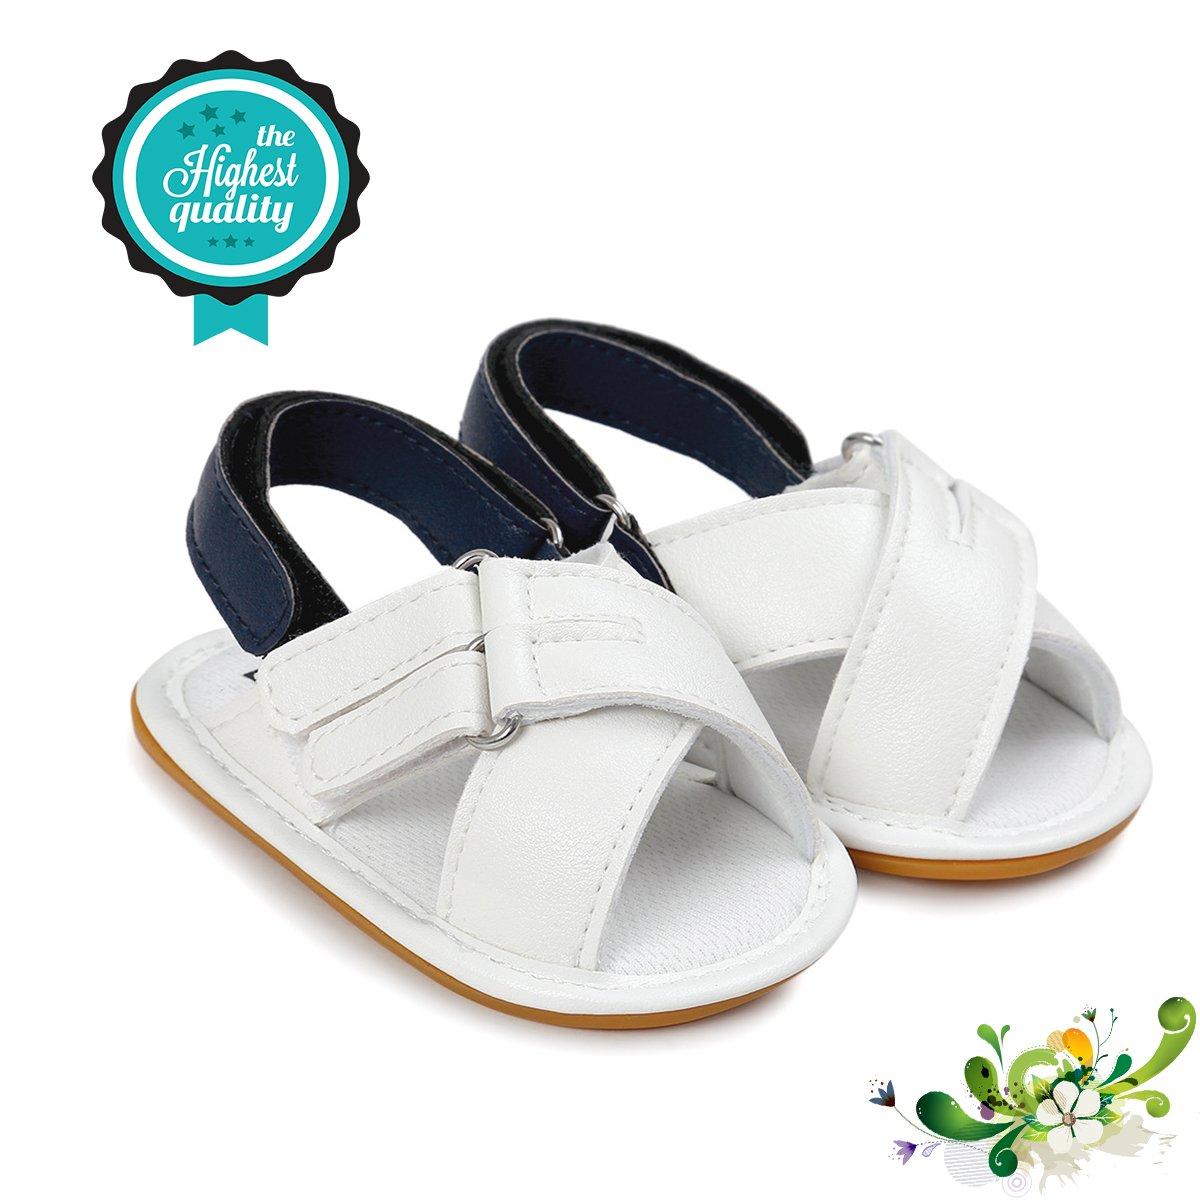 Precioso Zapatos de Bebé, Morbuy Unisexo Zapatos Bebe Primeros Pasos Verano Recién nacido 0-18 Mes Bebé Casual Verano Zapatos Suela Blanda Zapatillas Antideslizante Sandalias (11cm / 0-6meses, Blanco)